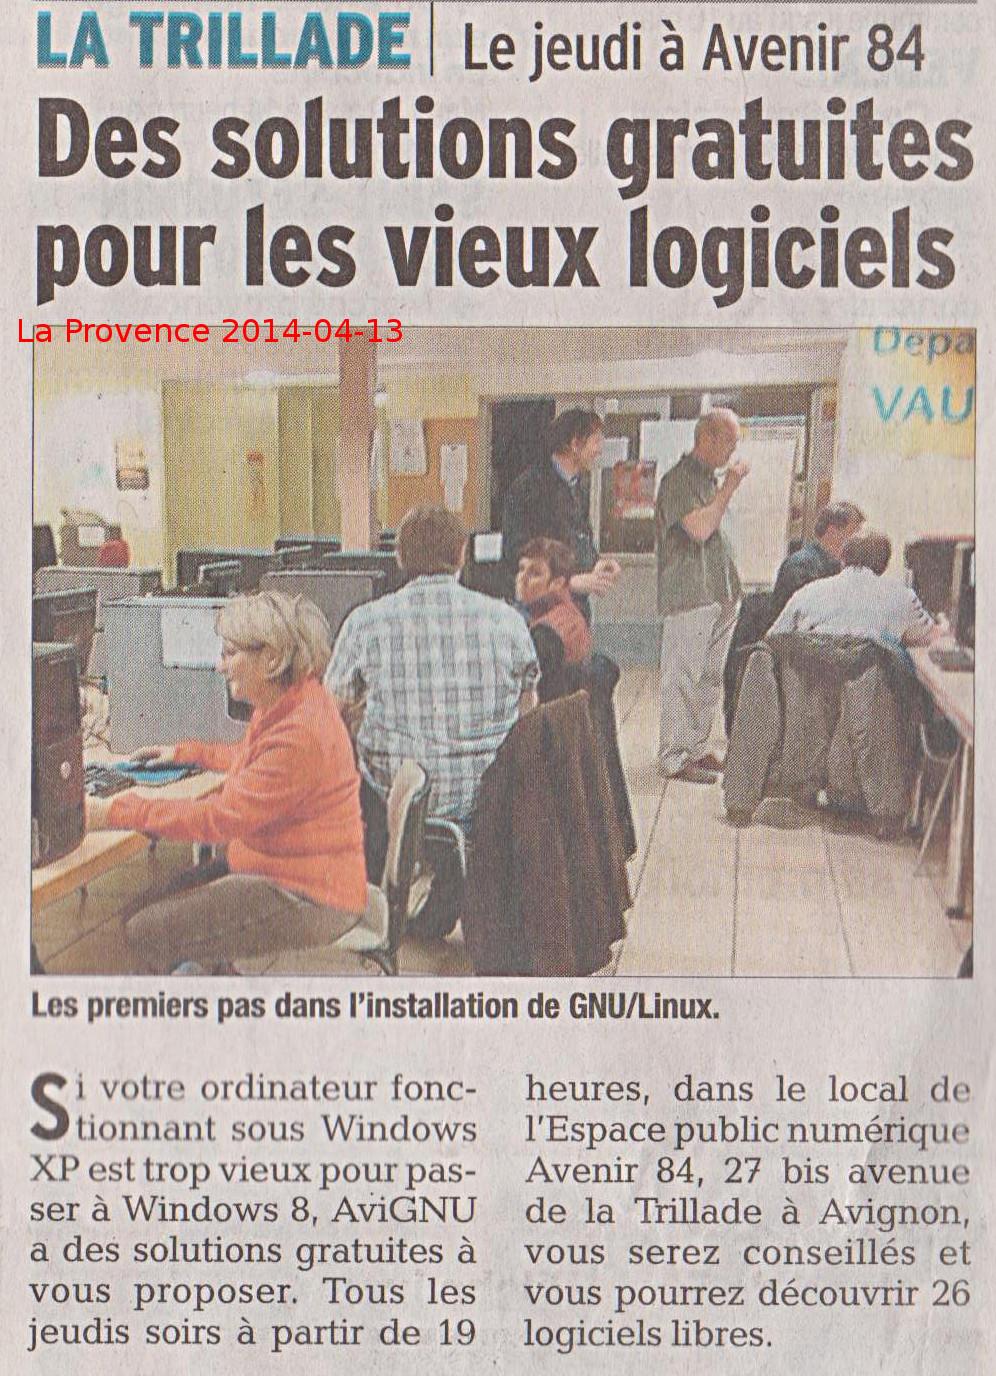 Avignu page 4 - Le journal de la provence ...